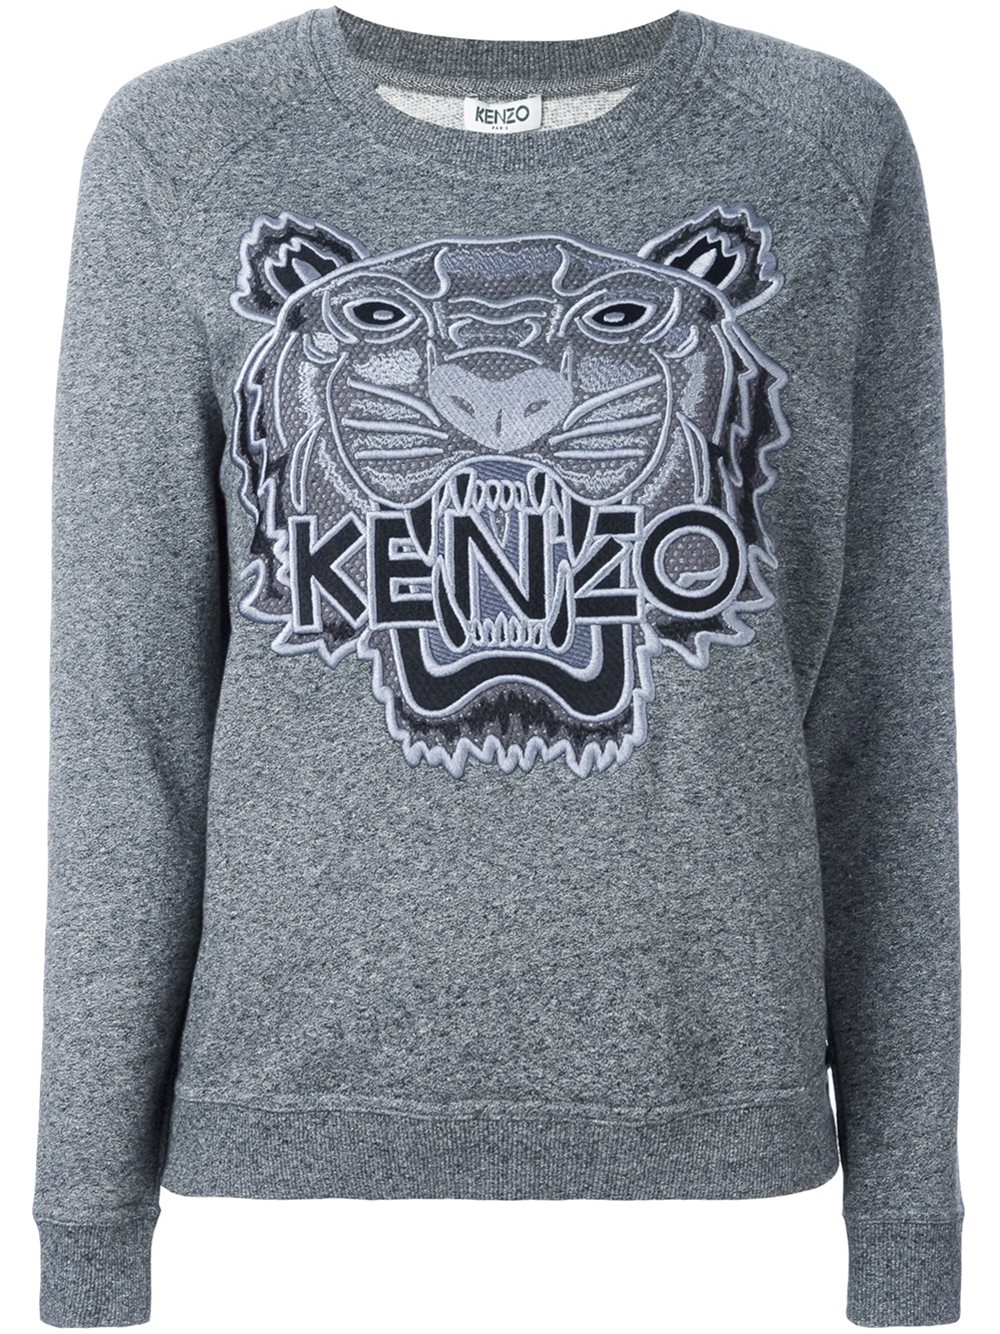 bonne réputation sortie de gros nouveaux produits chauds Pull Homme Kenzo Pas Cher Tigre b6y7fg